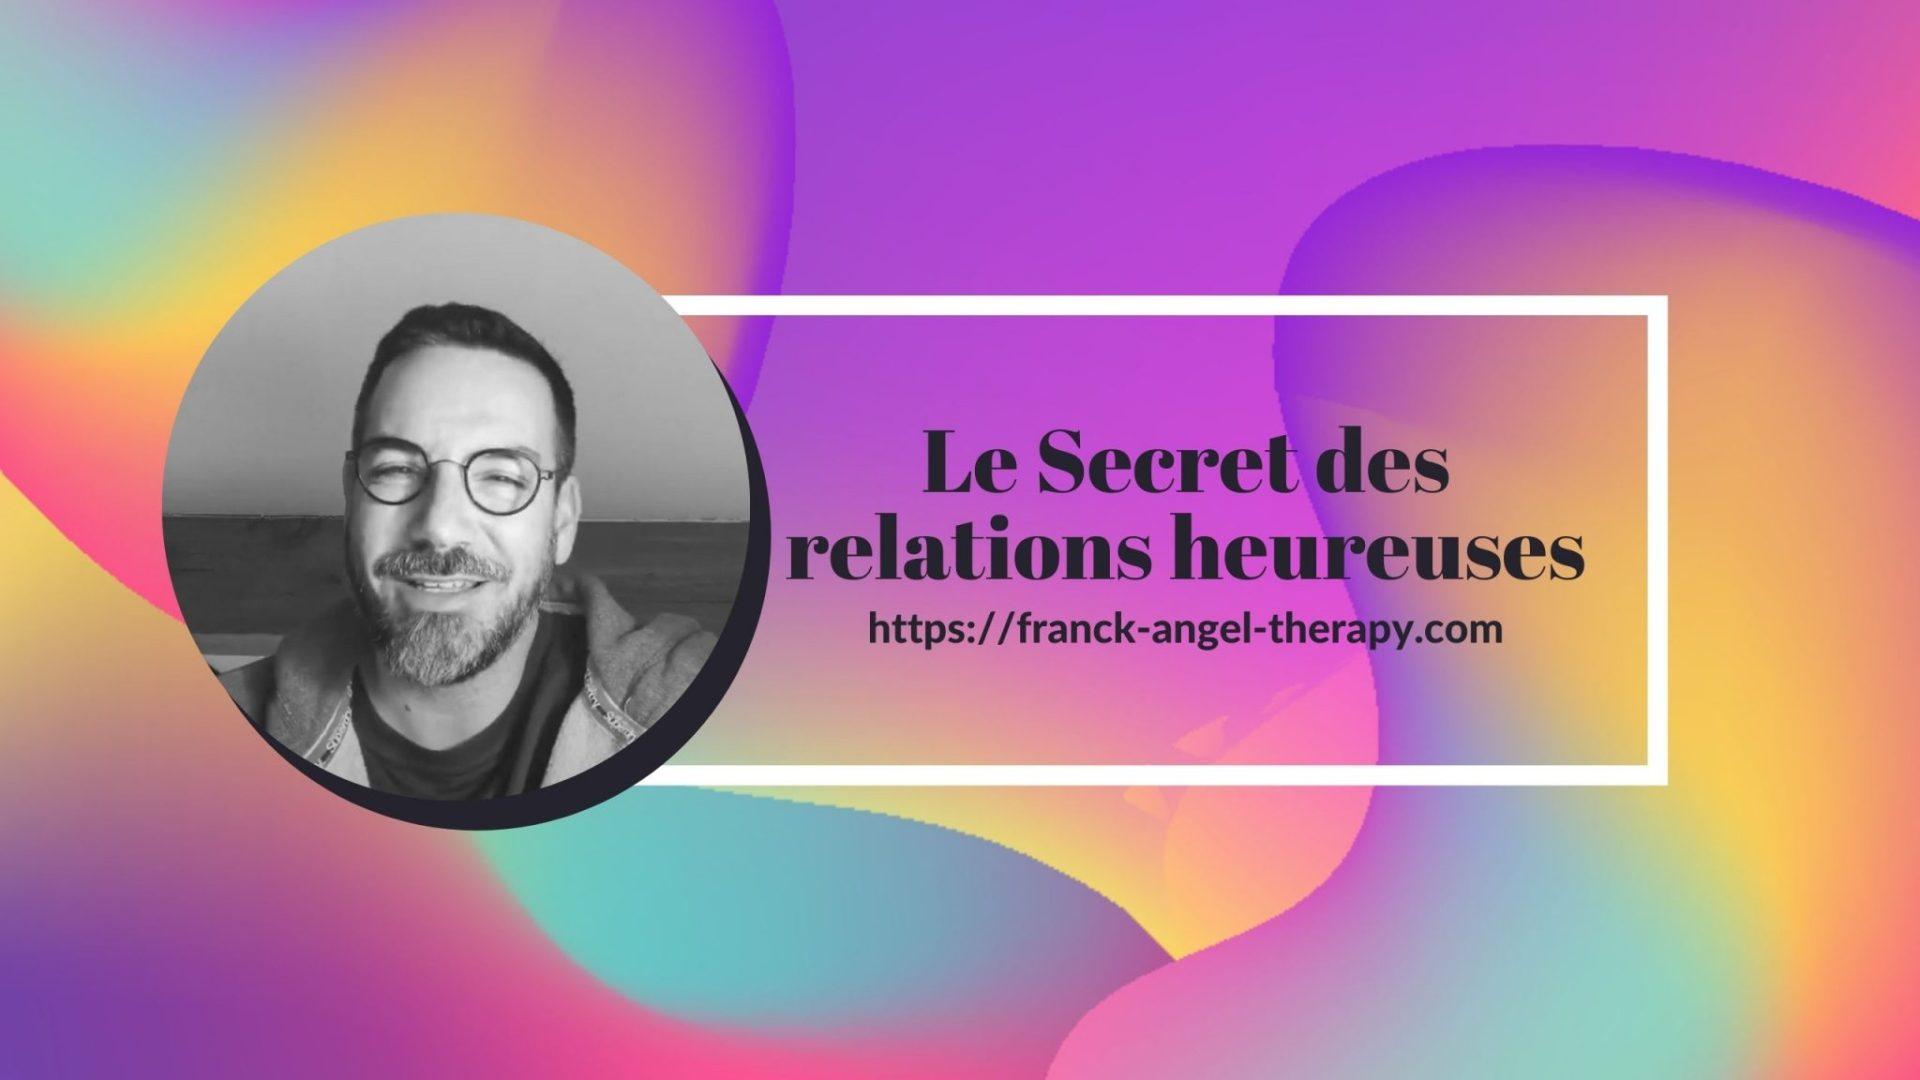 Le secret des relations heureuses